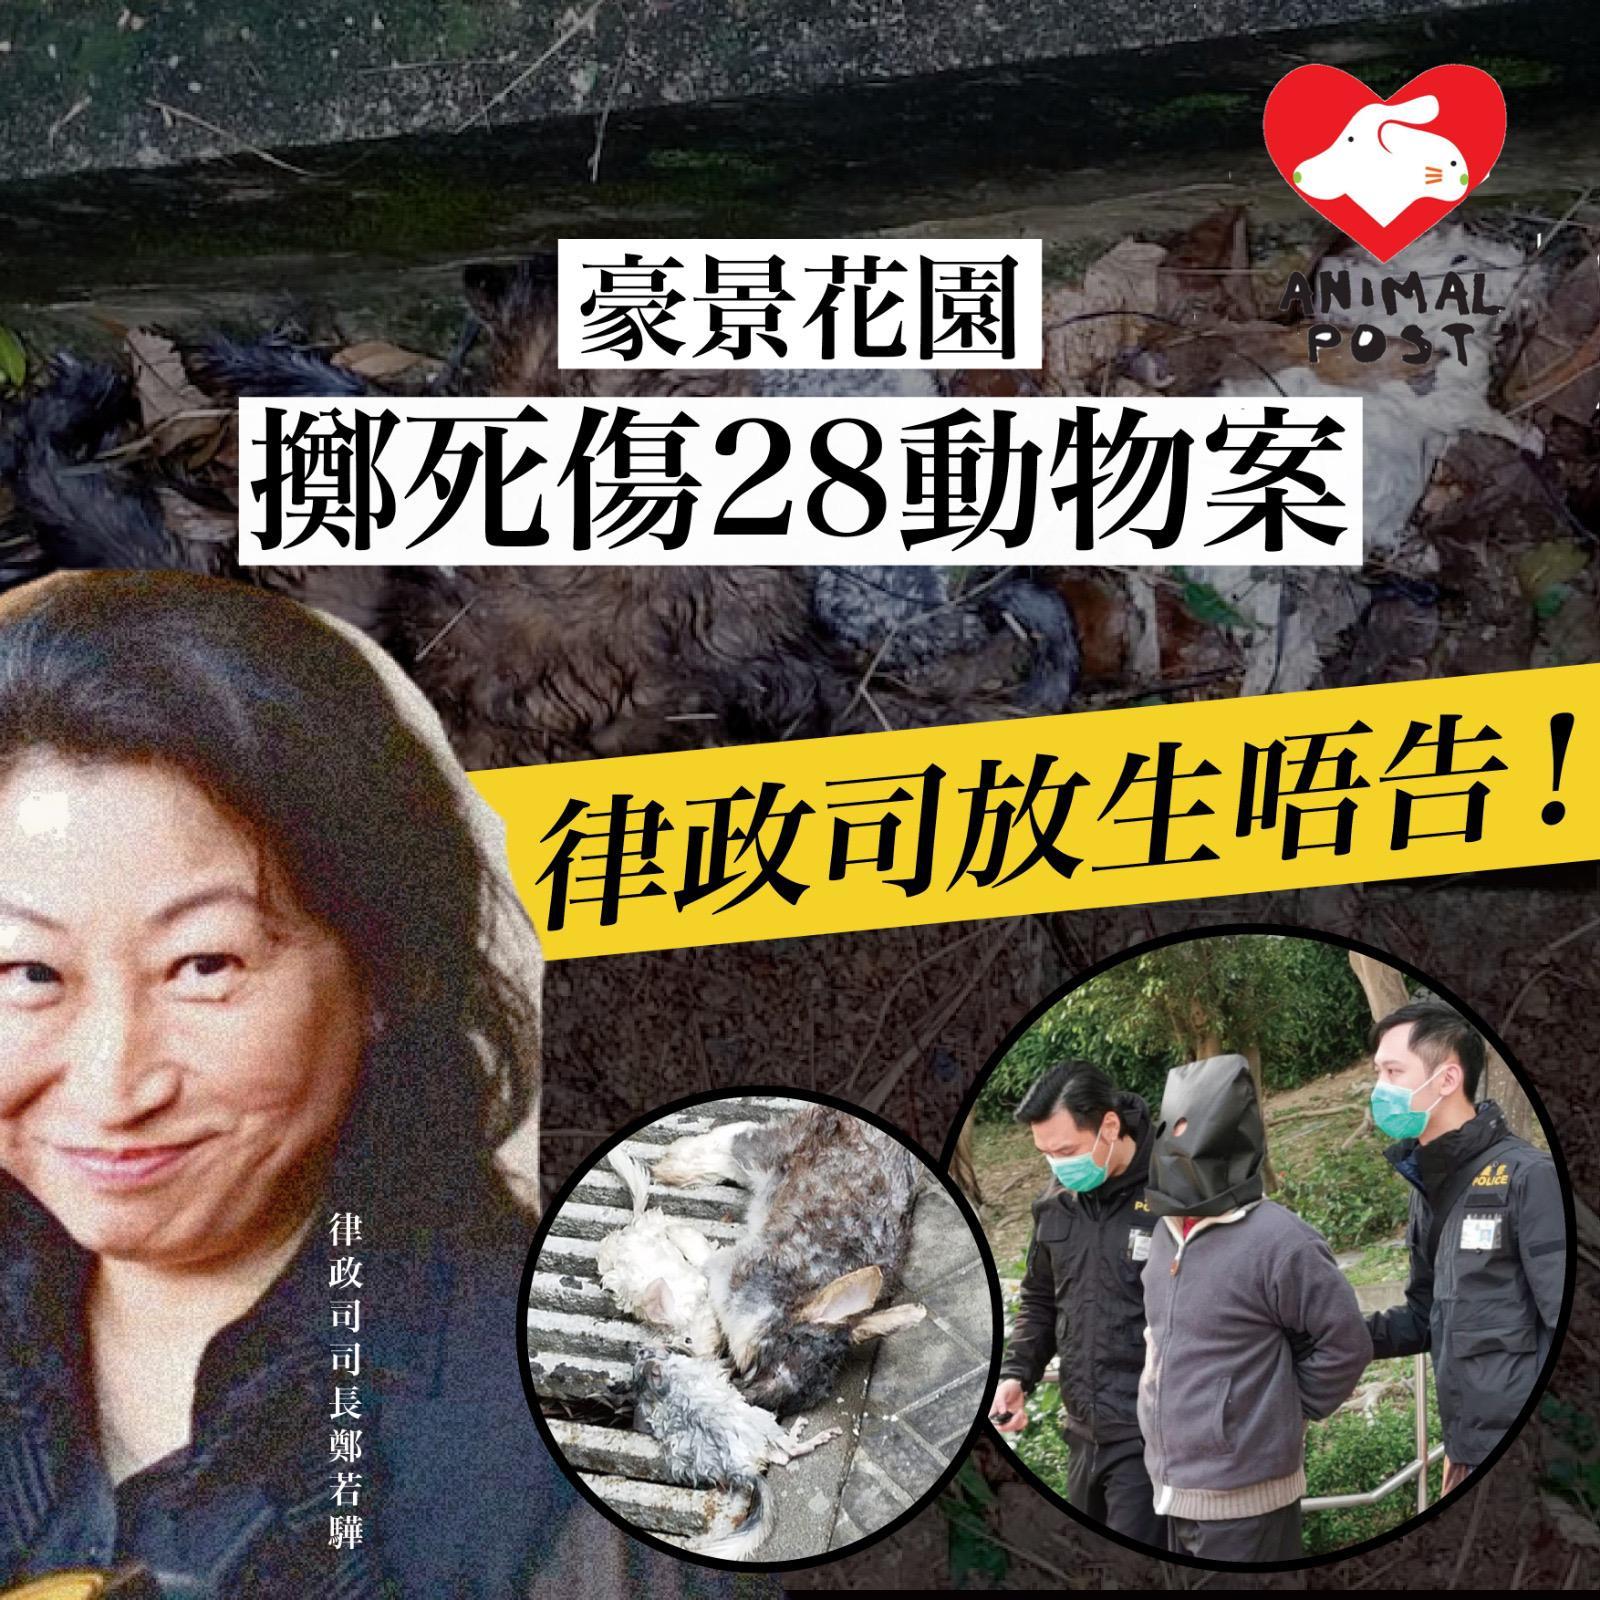 憤怒! 豪景花園丟動物落樓案釀30死傷 律政司放生被告不起訴   香港動物報 Hong Kong Animal Post